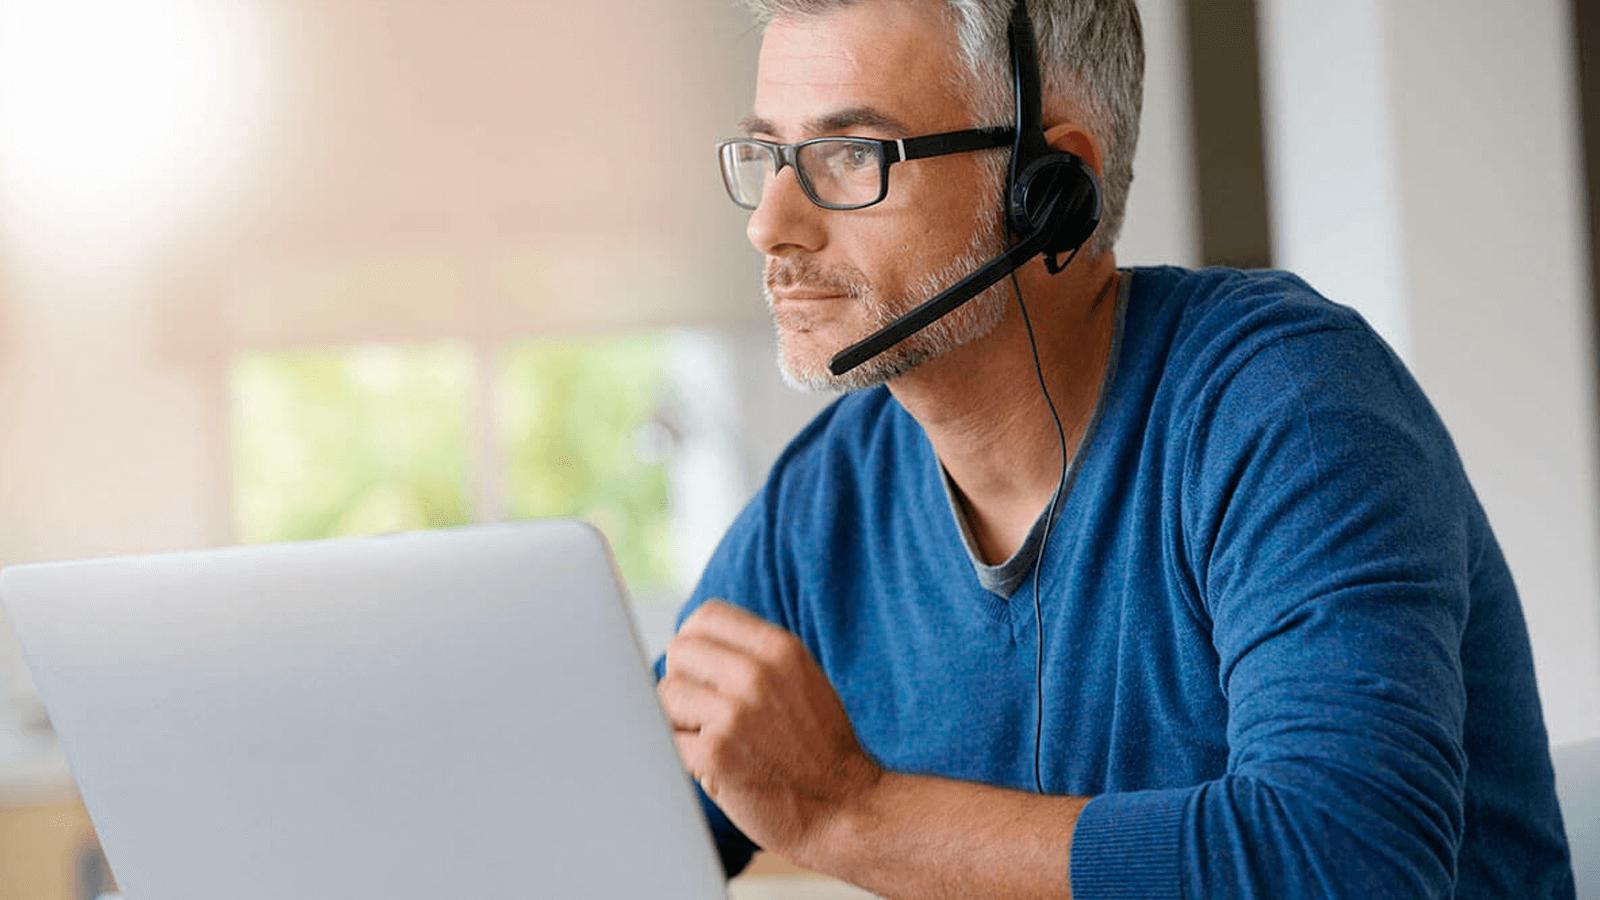 5 tips para realizar videoconferencias exitosas en casa